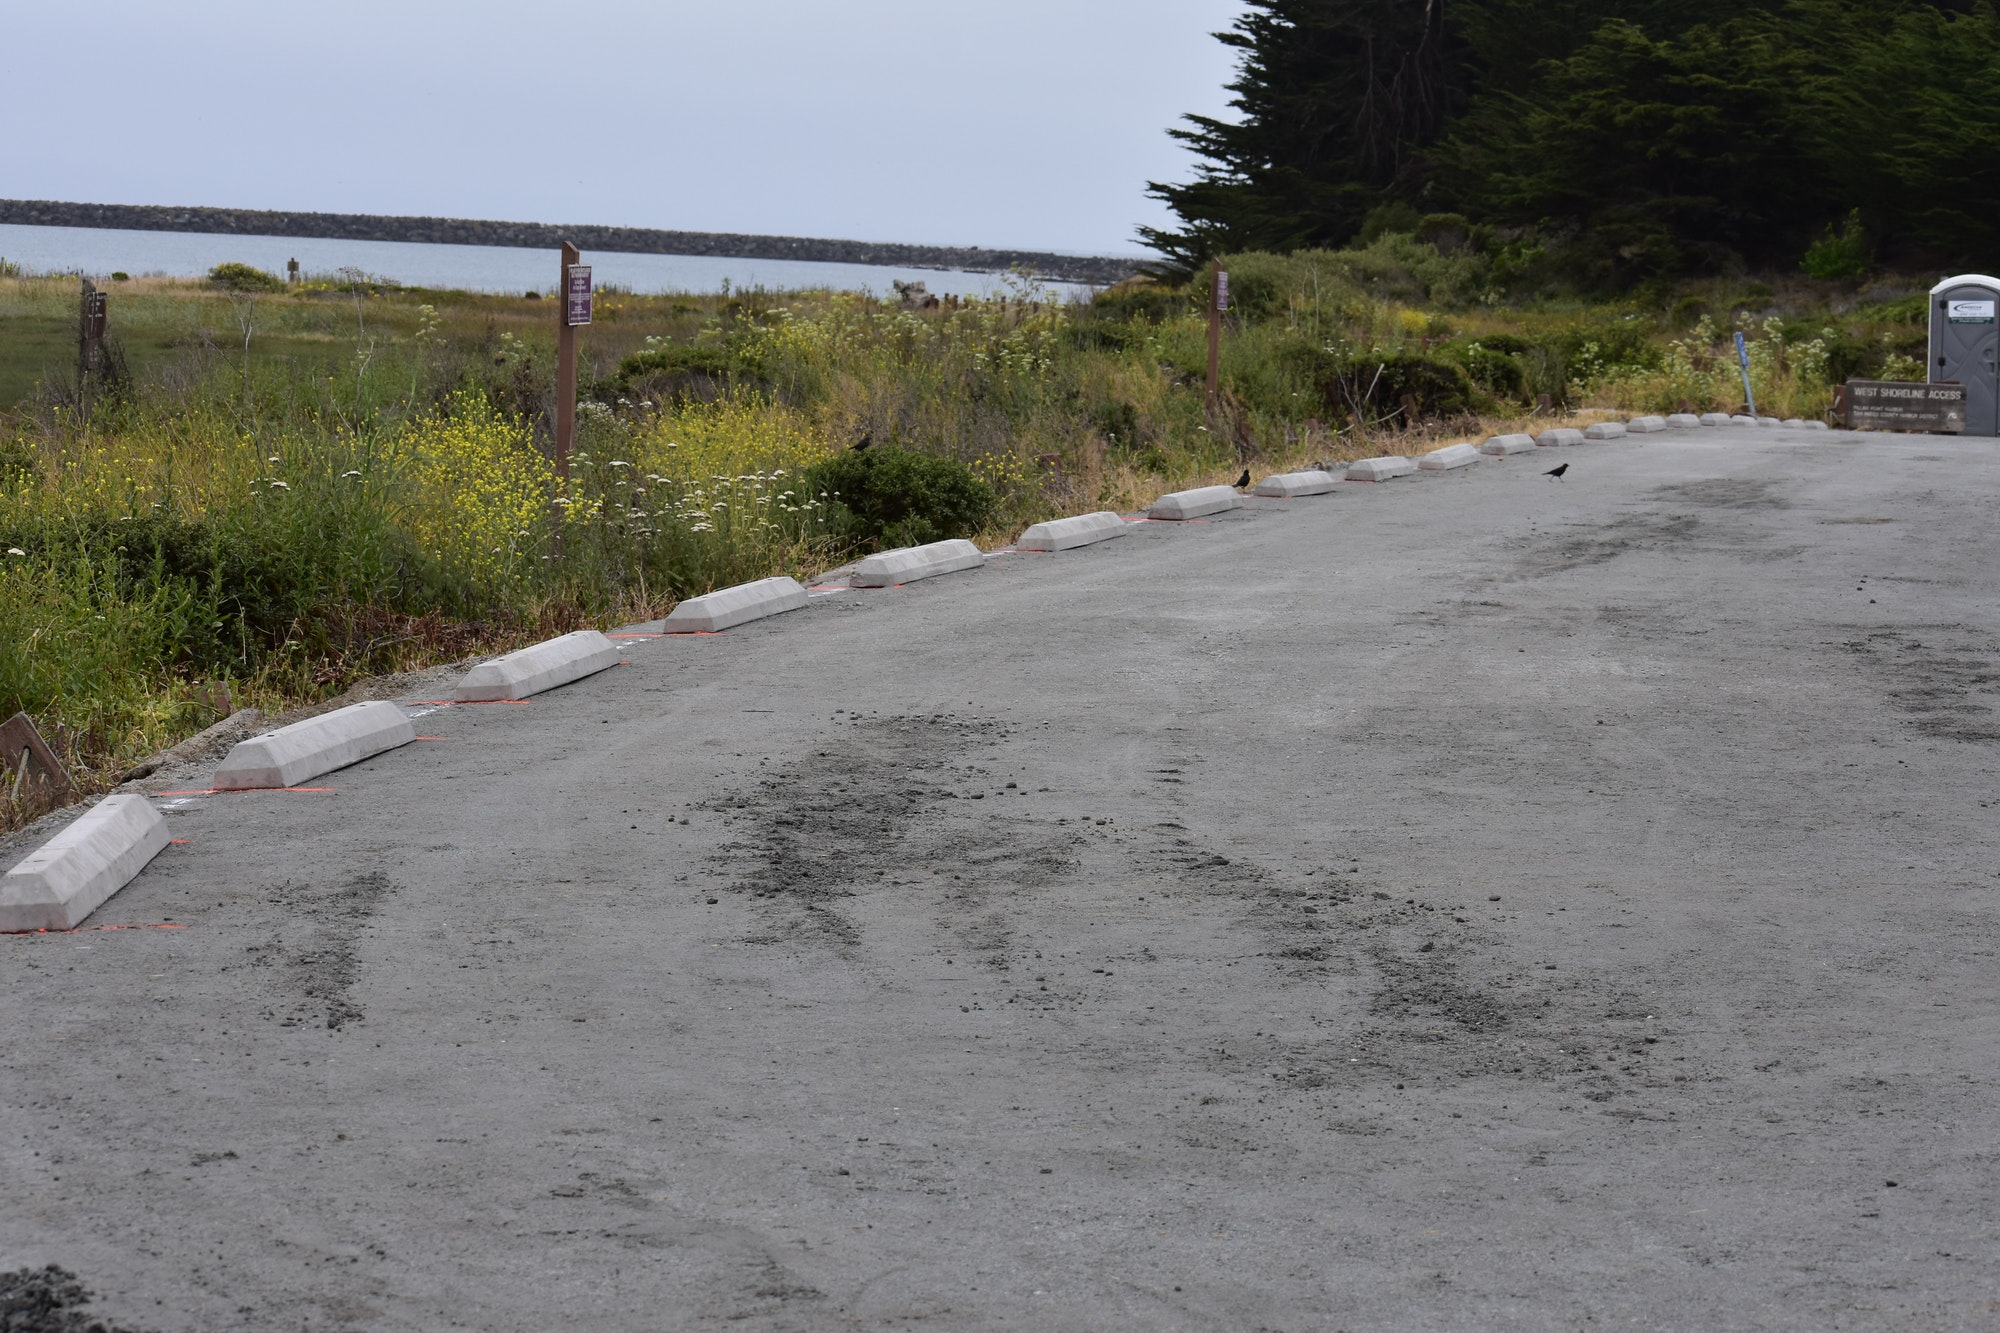 Image West Trail Parking Lot